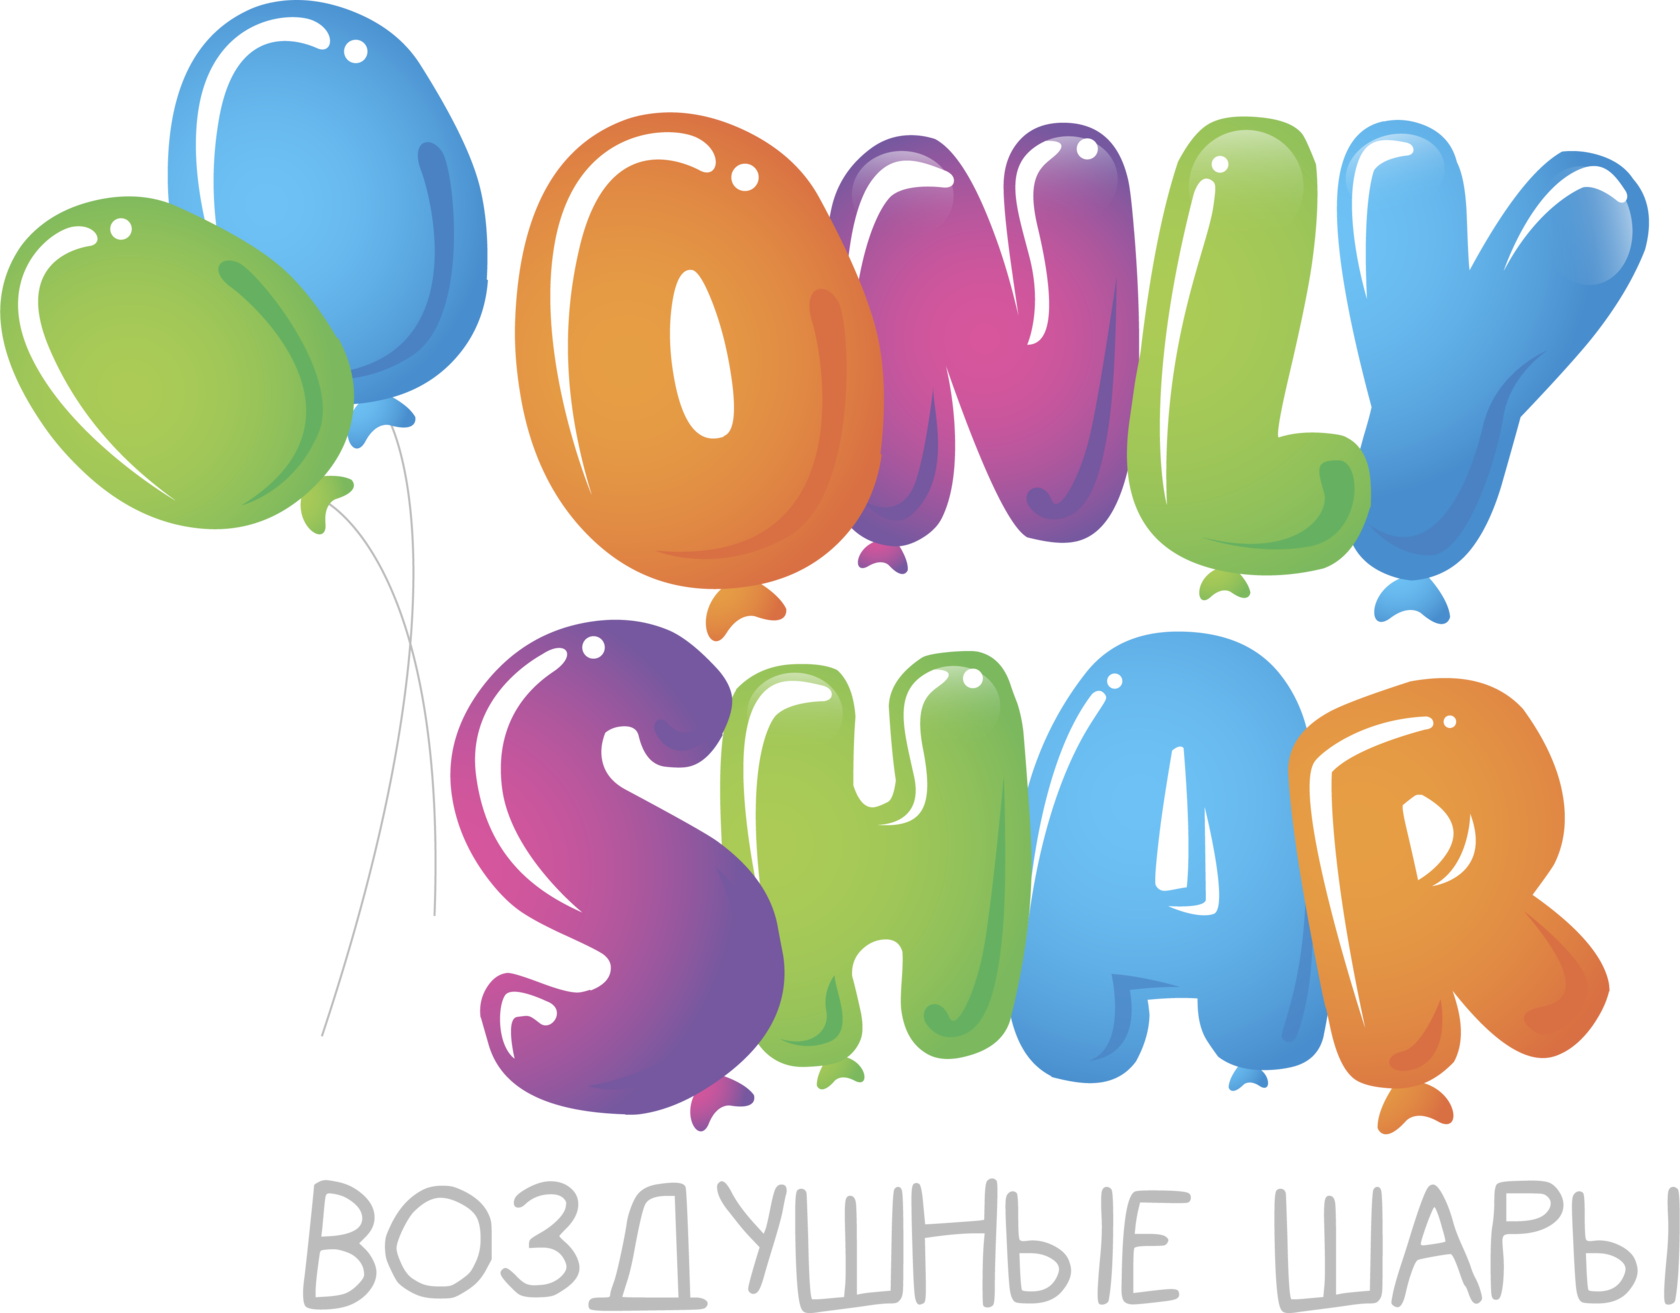 Логотип ОнлиШар logo_onlyshar